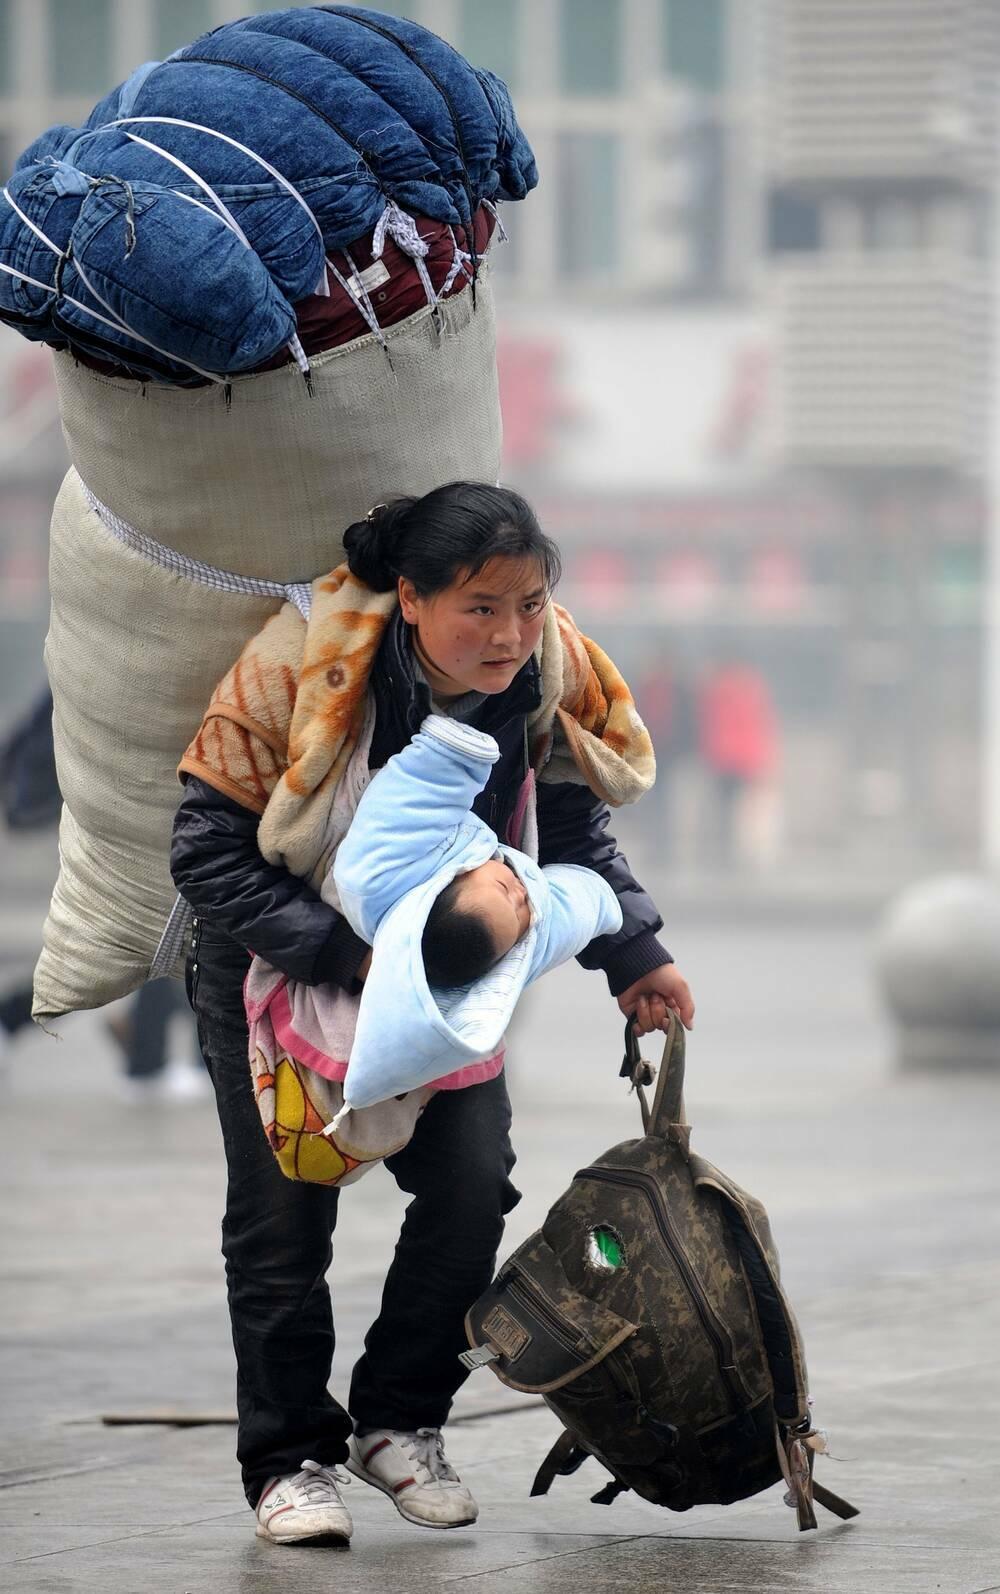 11 năm sau bức ảnh nổi tiếng, cuộc sống của bà mẹ trẻ Trung Quốc bây giờ ra sao?